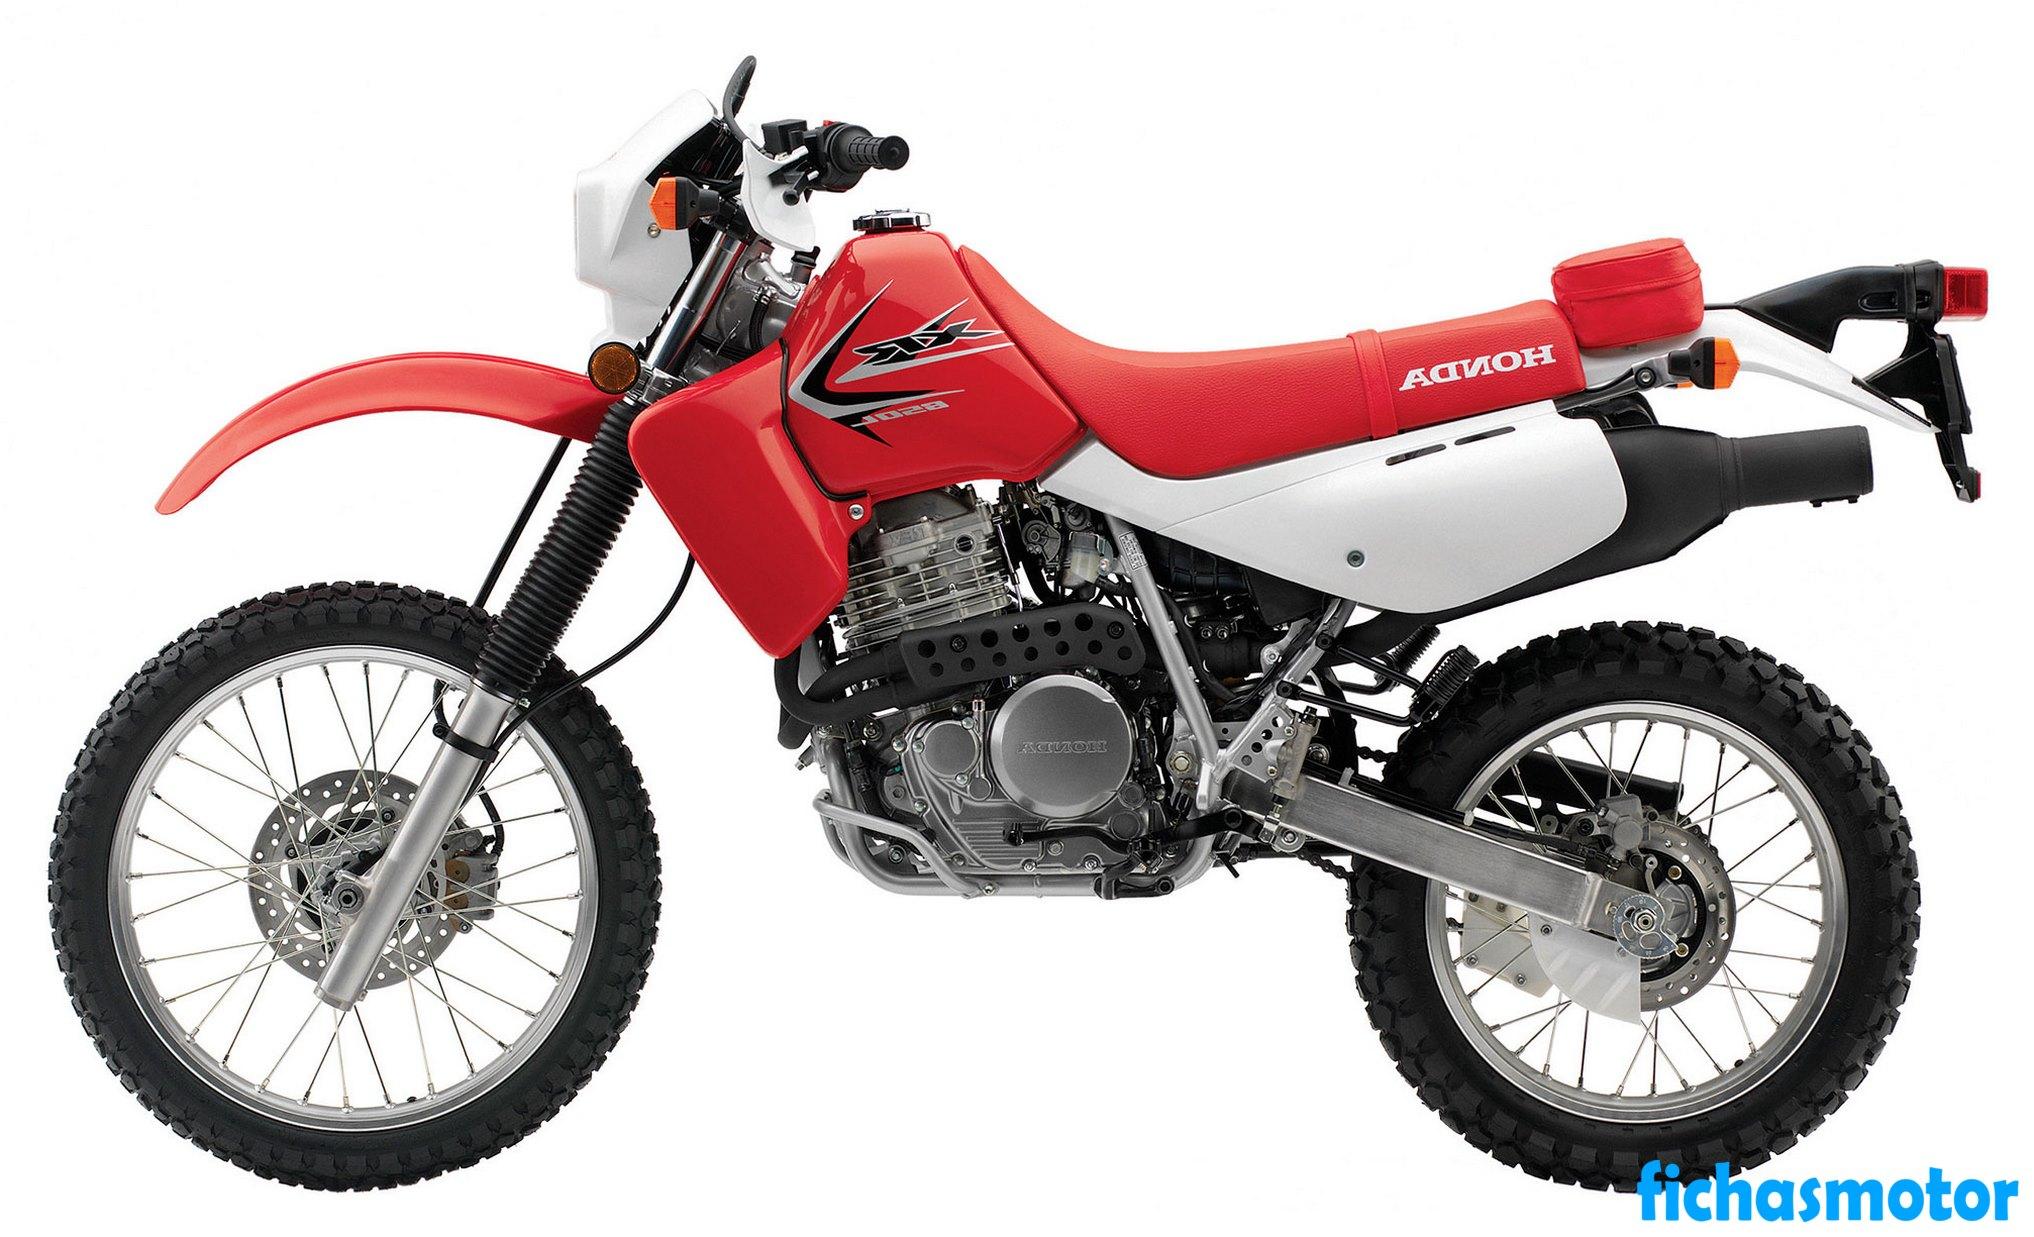 Ficha técnica Honda xr650l 2014